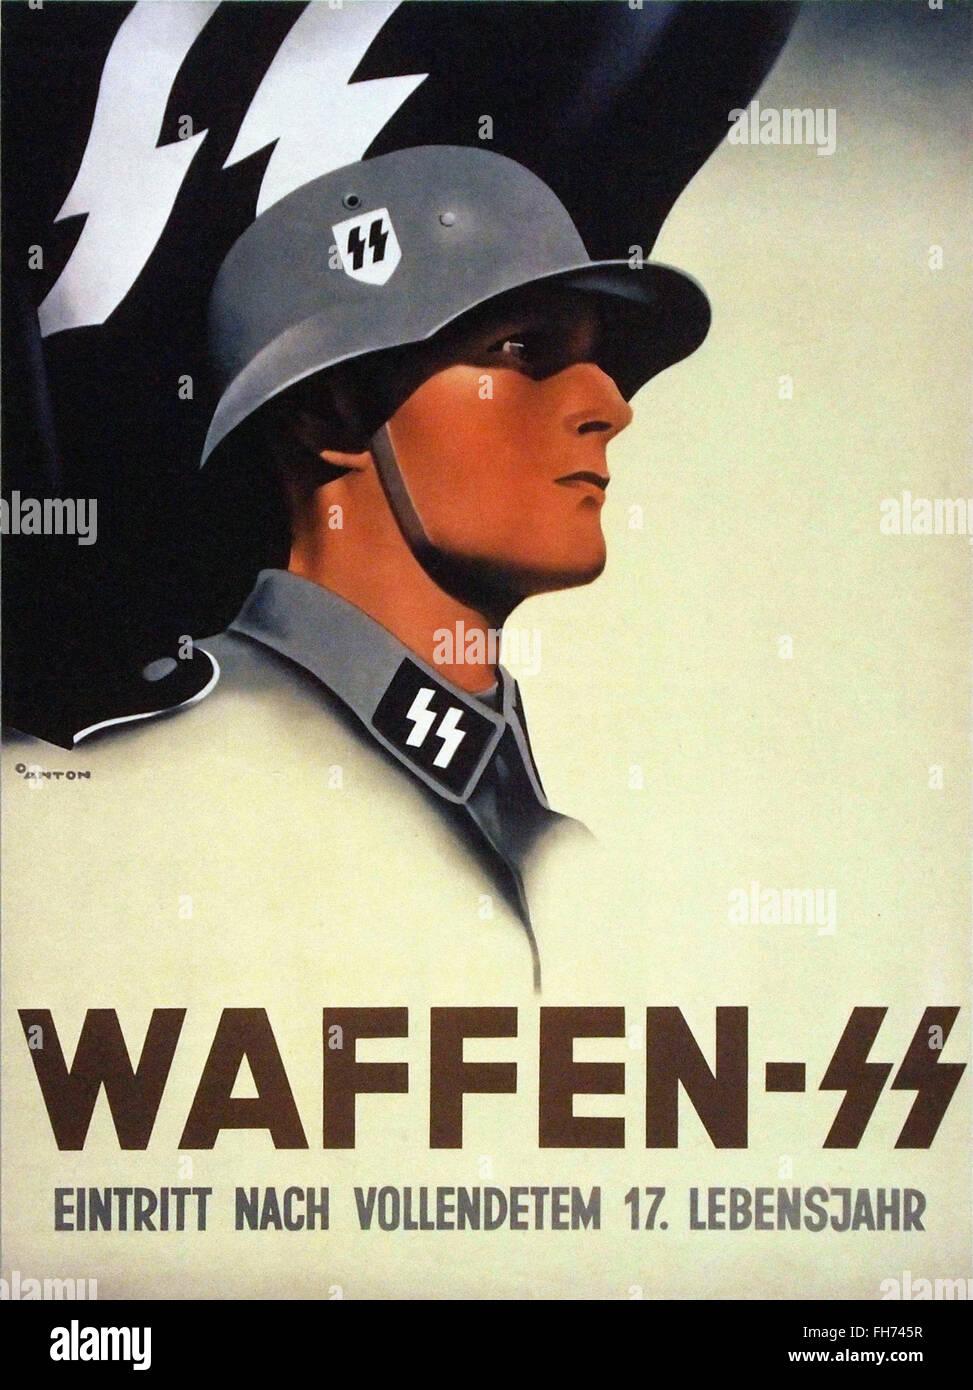 Waffen SS - German Nazi Propaganda Poster - WWII - Stock Image